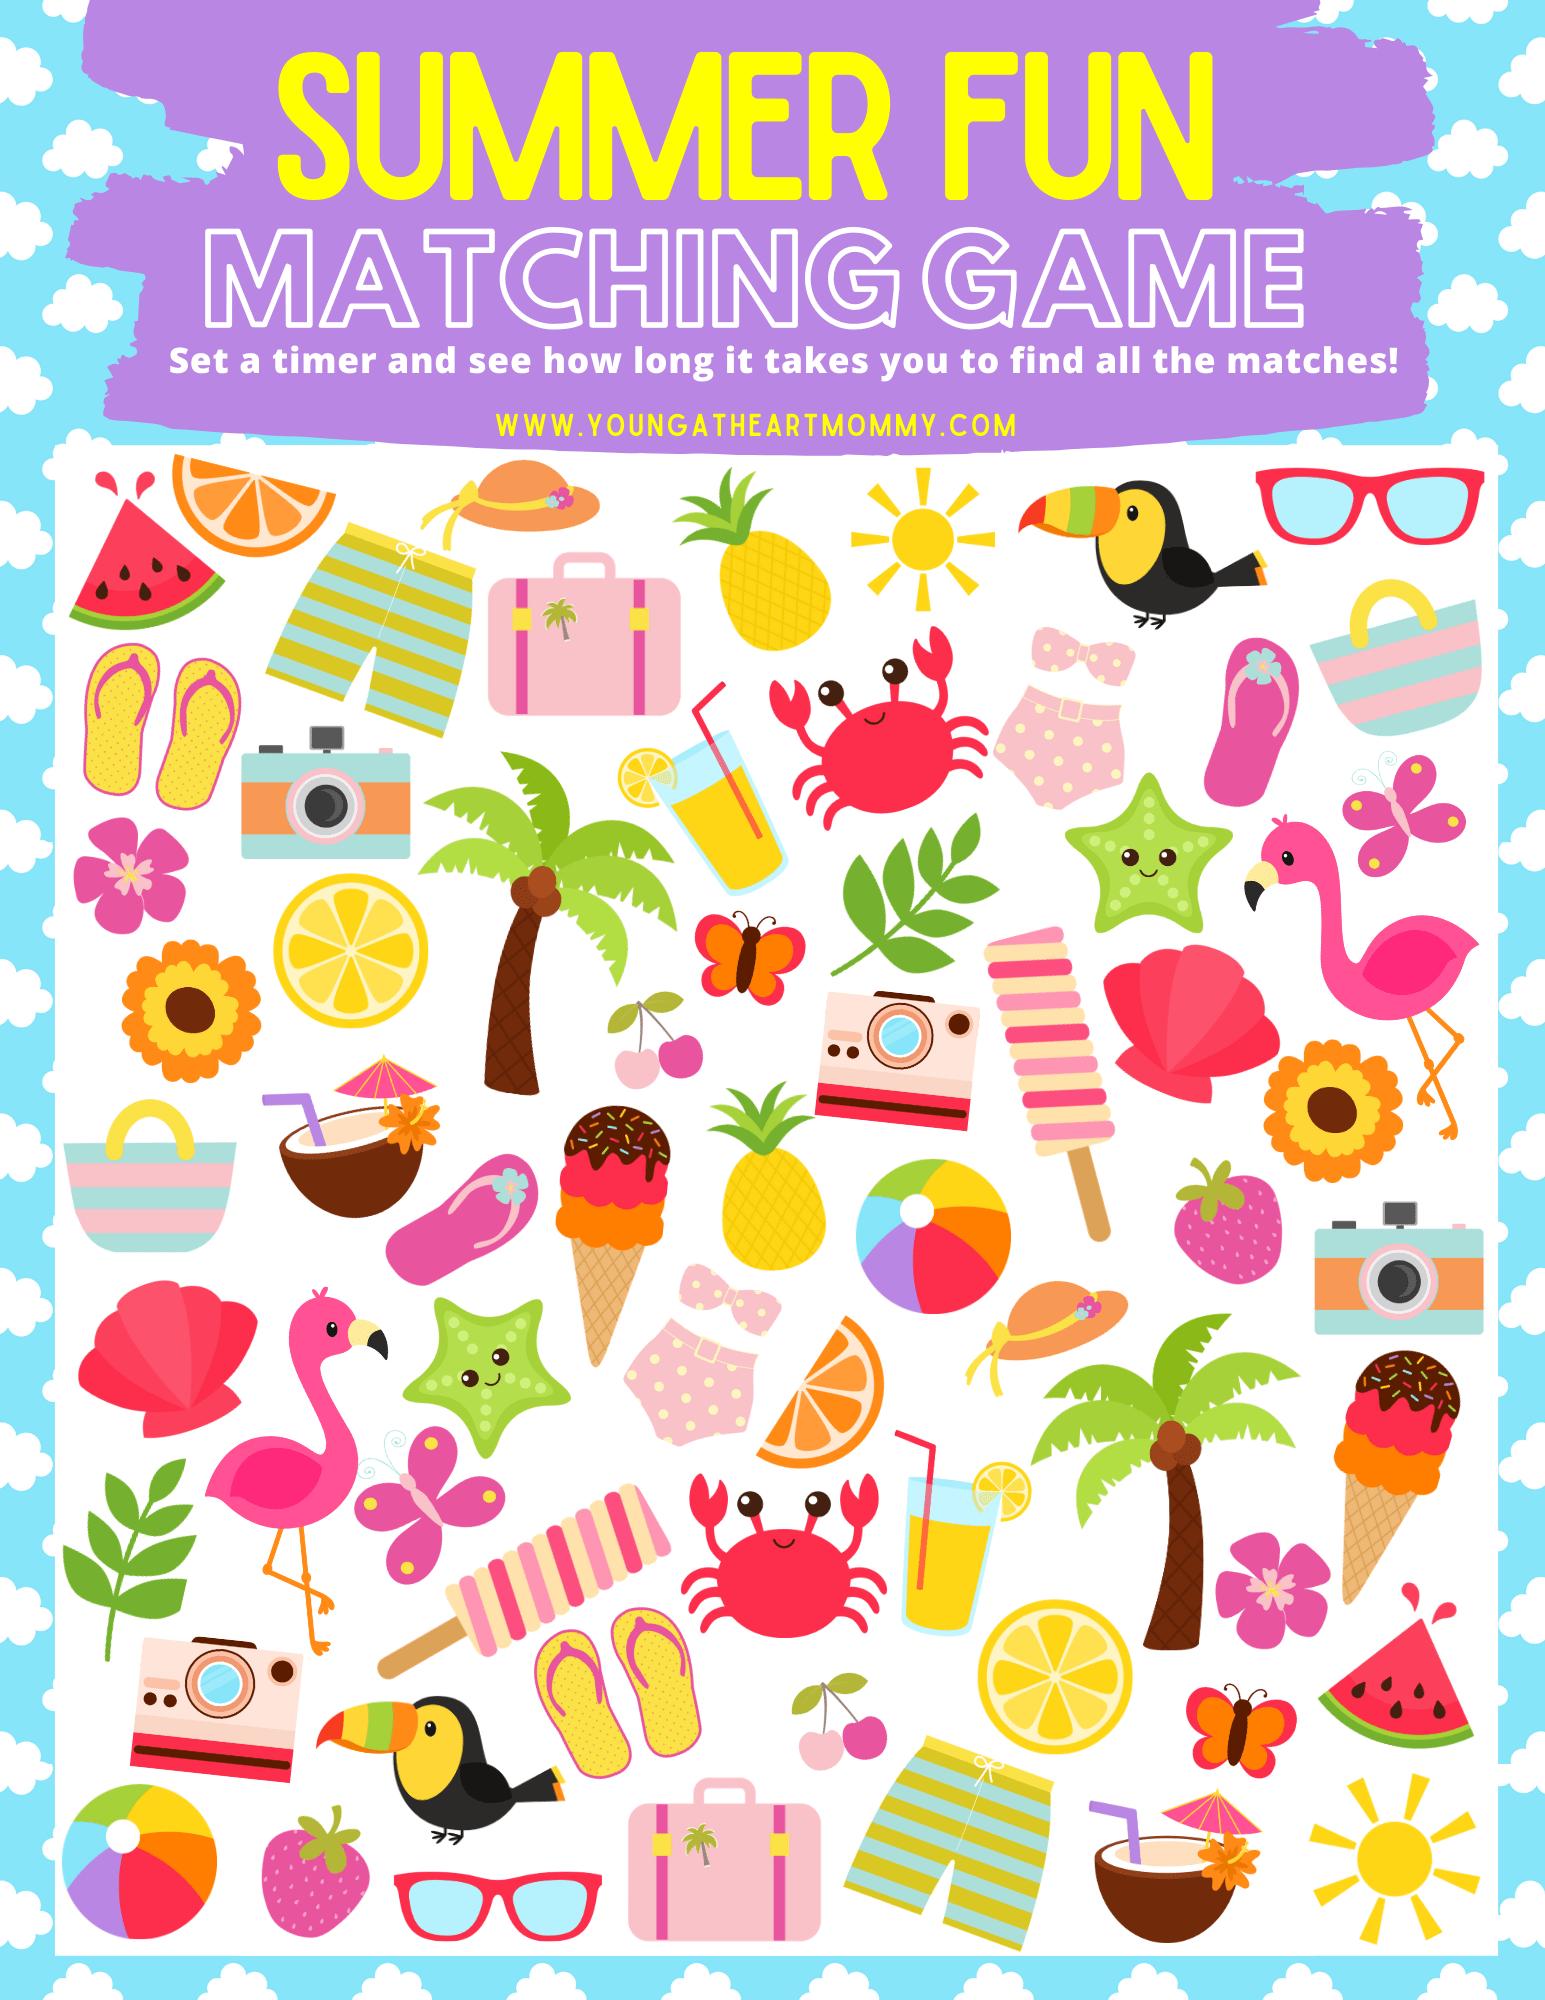 Free Summer Fun Matching Game Printable For Kids